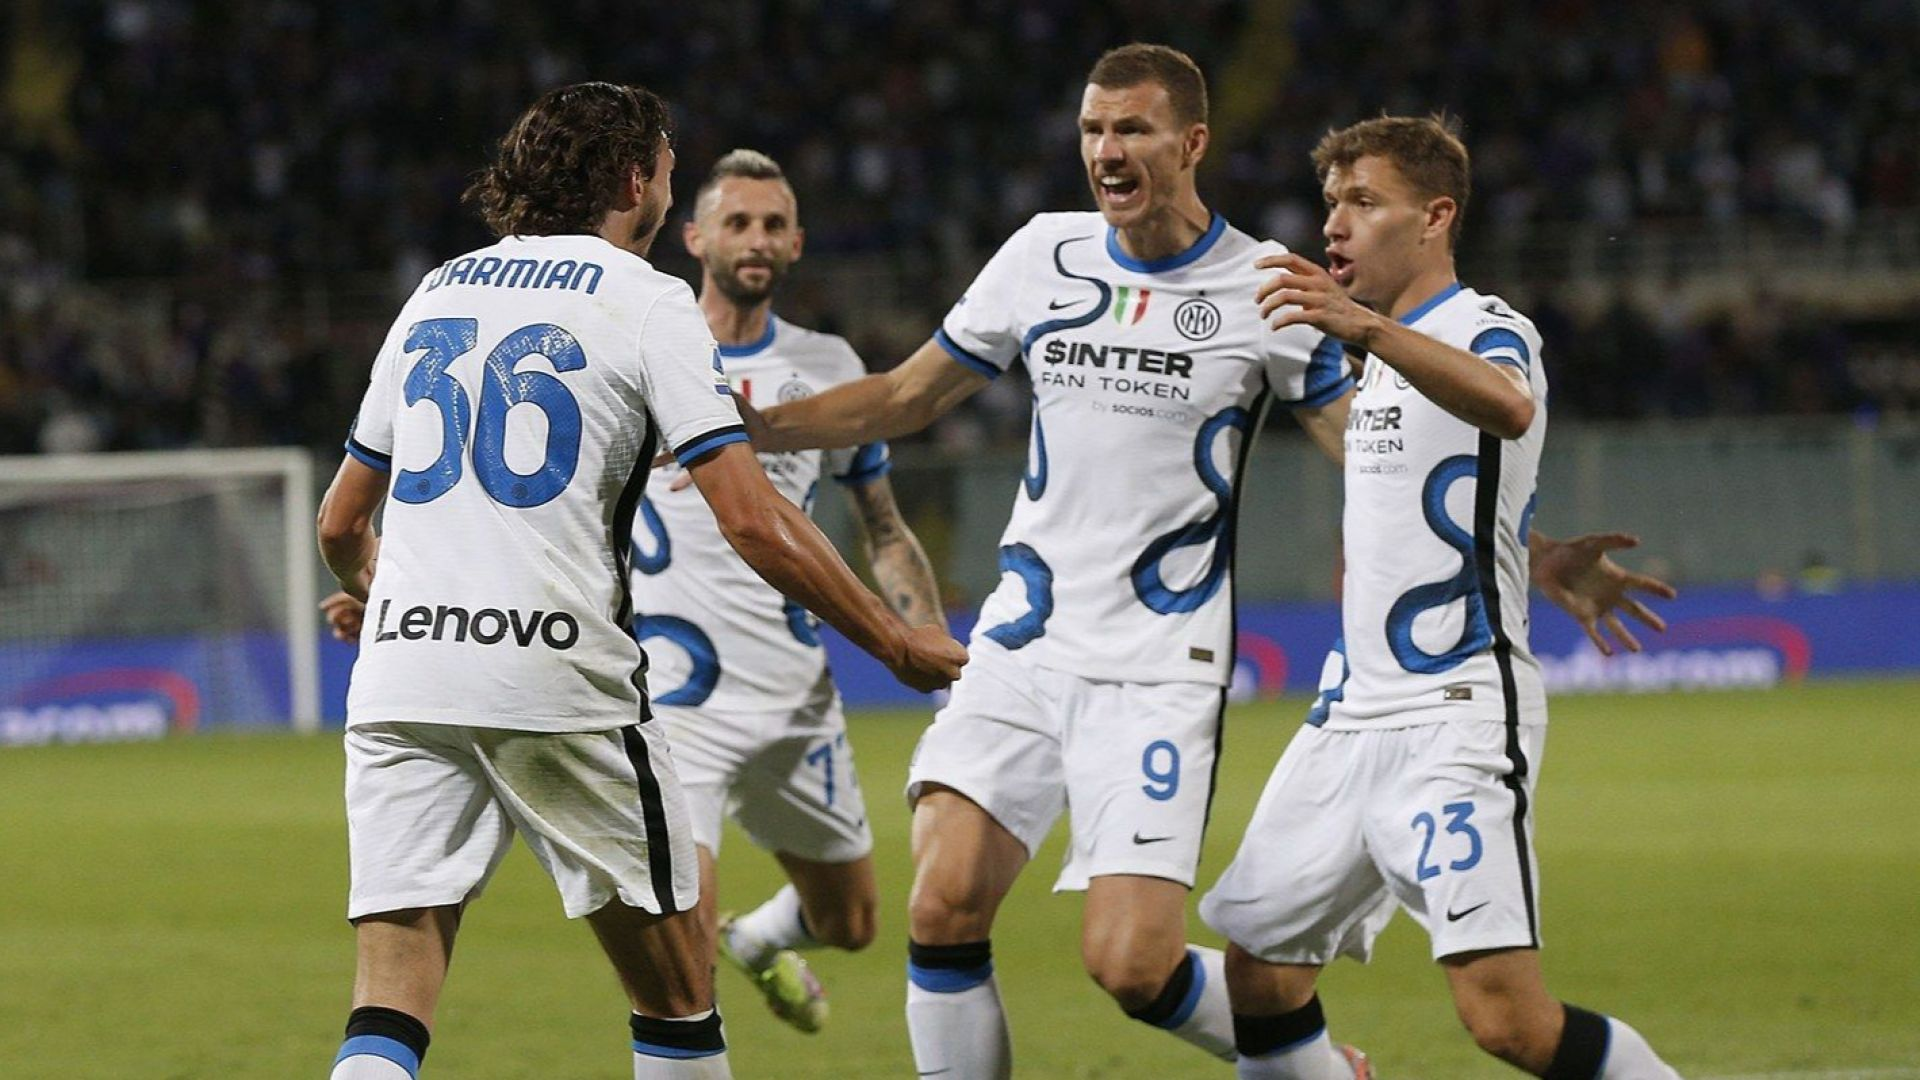 Шампионът Интер си върна върха след впечатляващ обрат във Флоренция